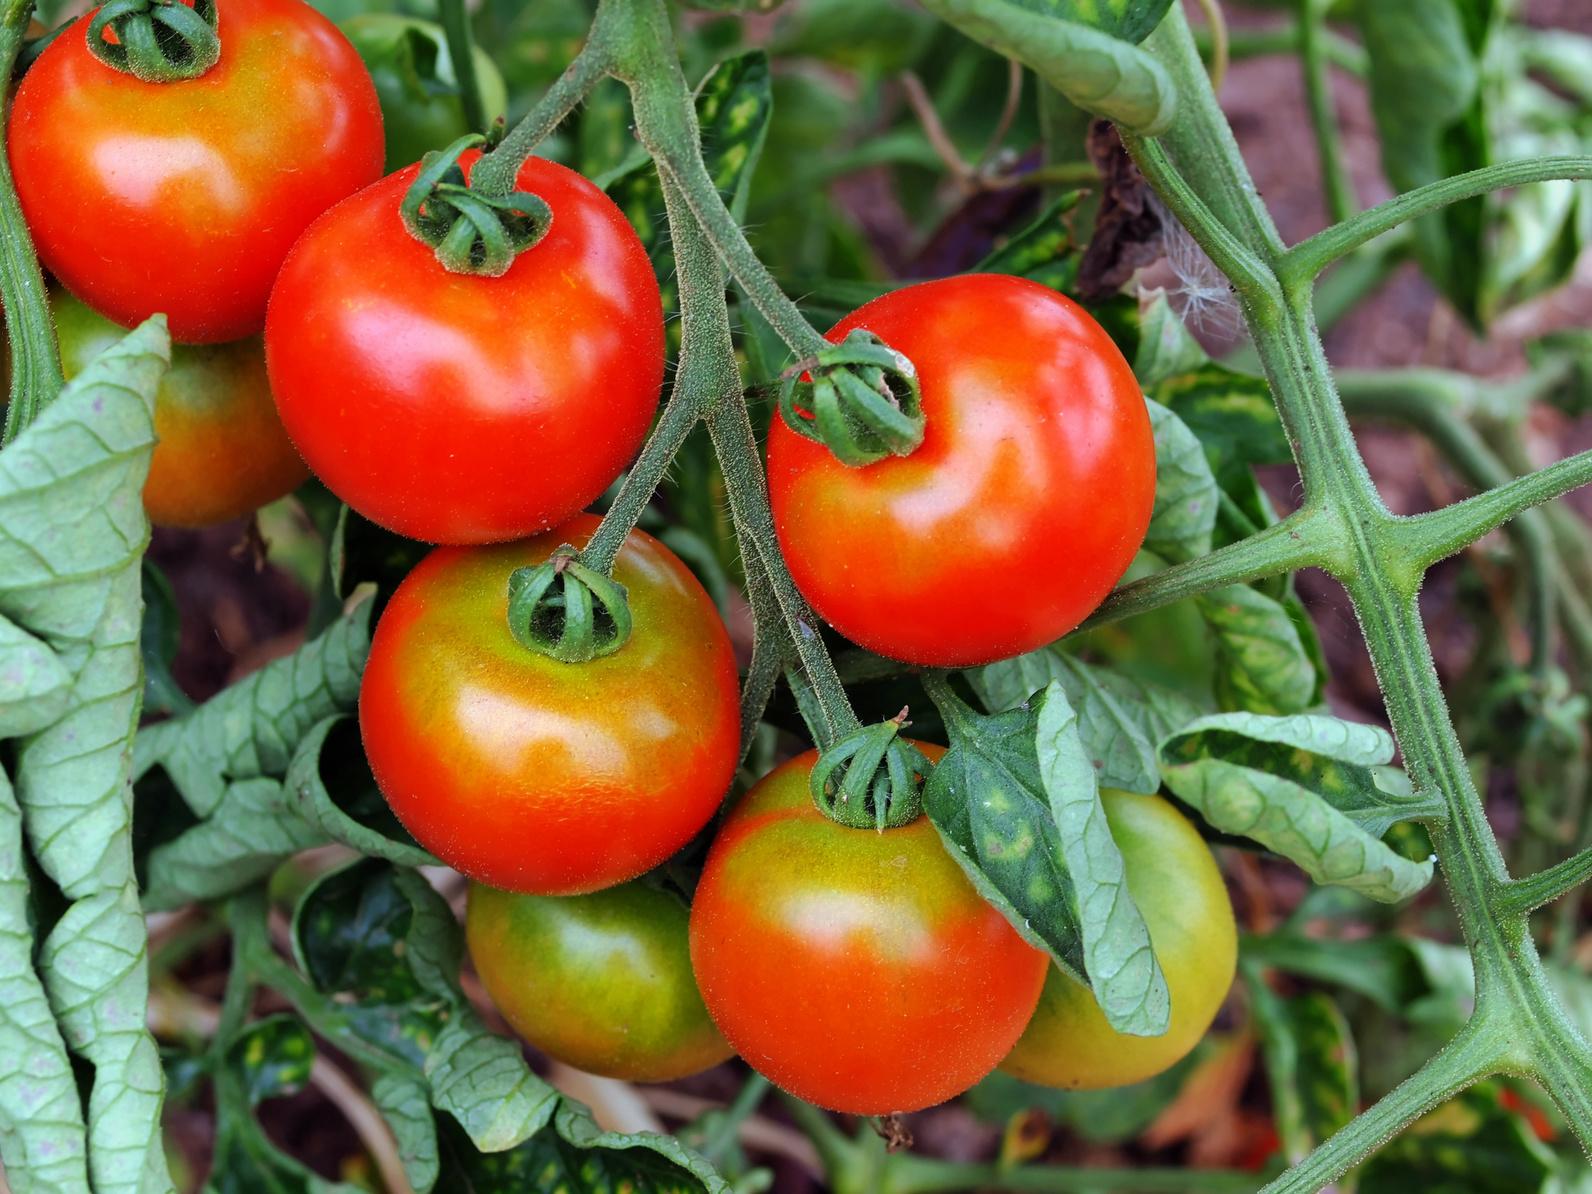 Nährstoff- und Wassermangel an einer Tomatenpflanze